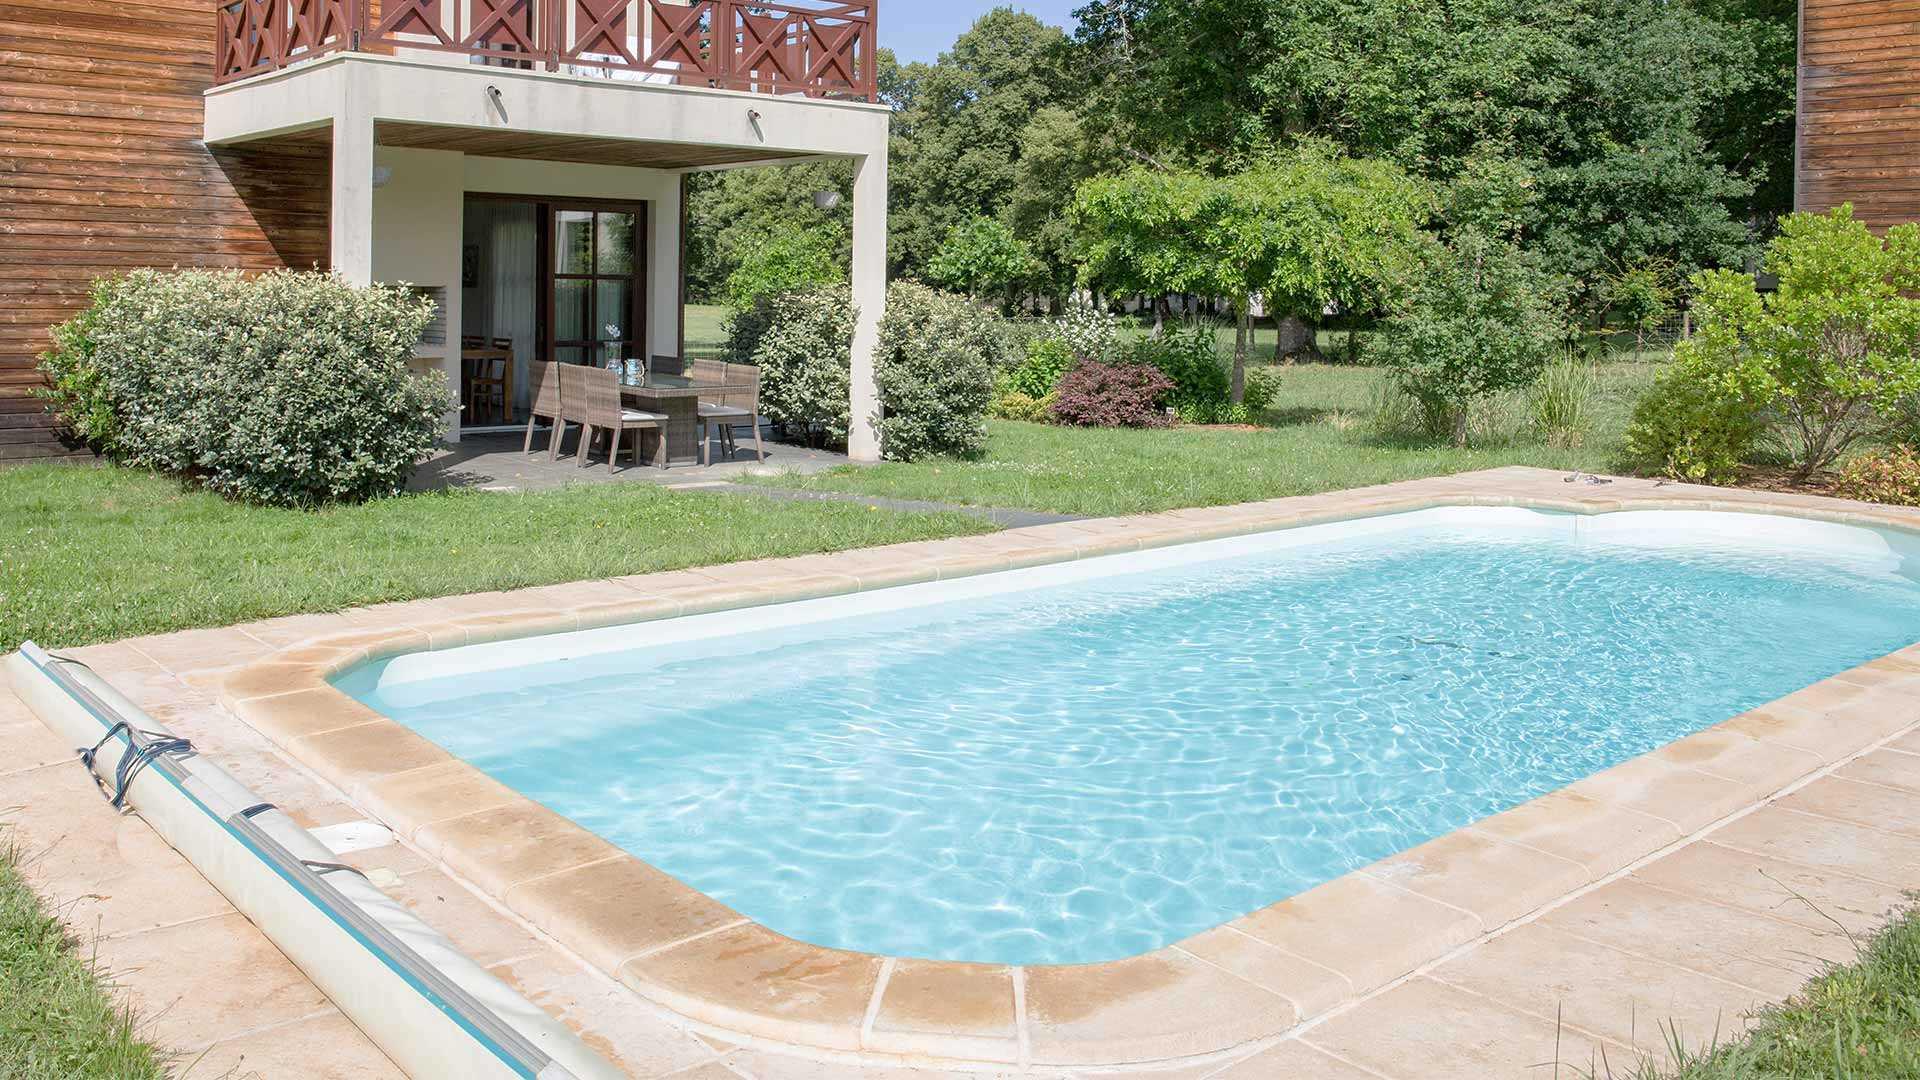 ein pool für den garten - welche pool-varianten gibt es?